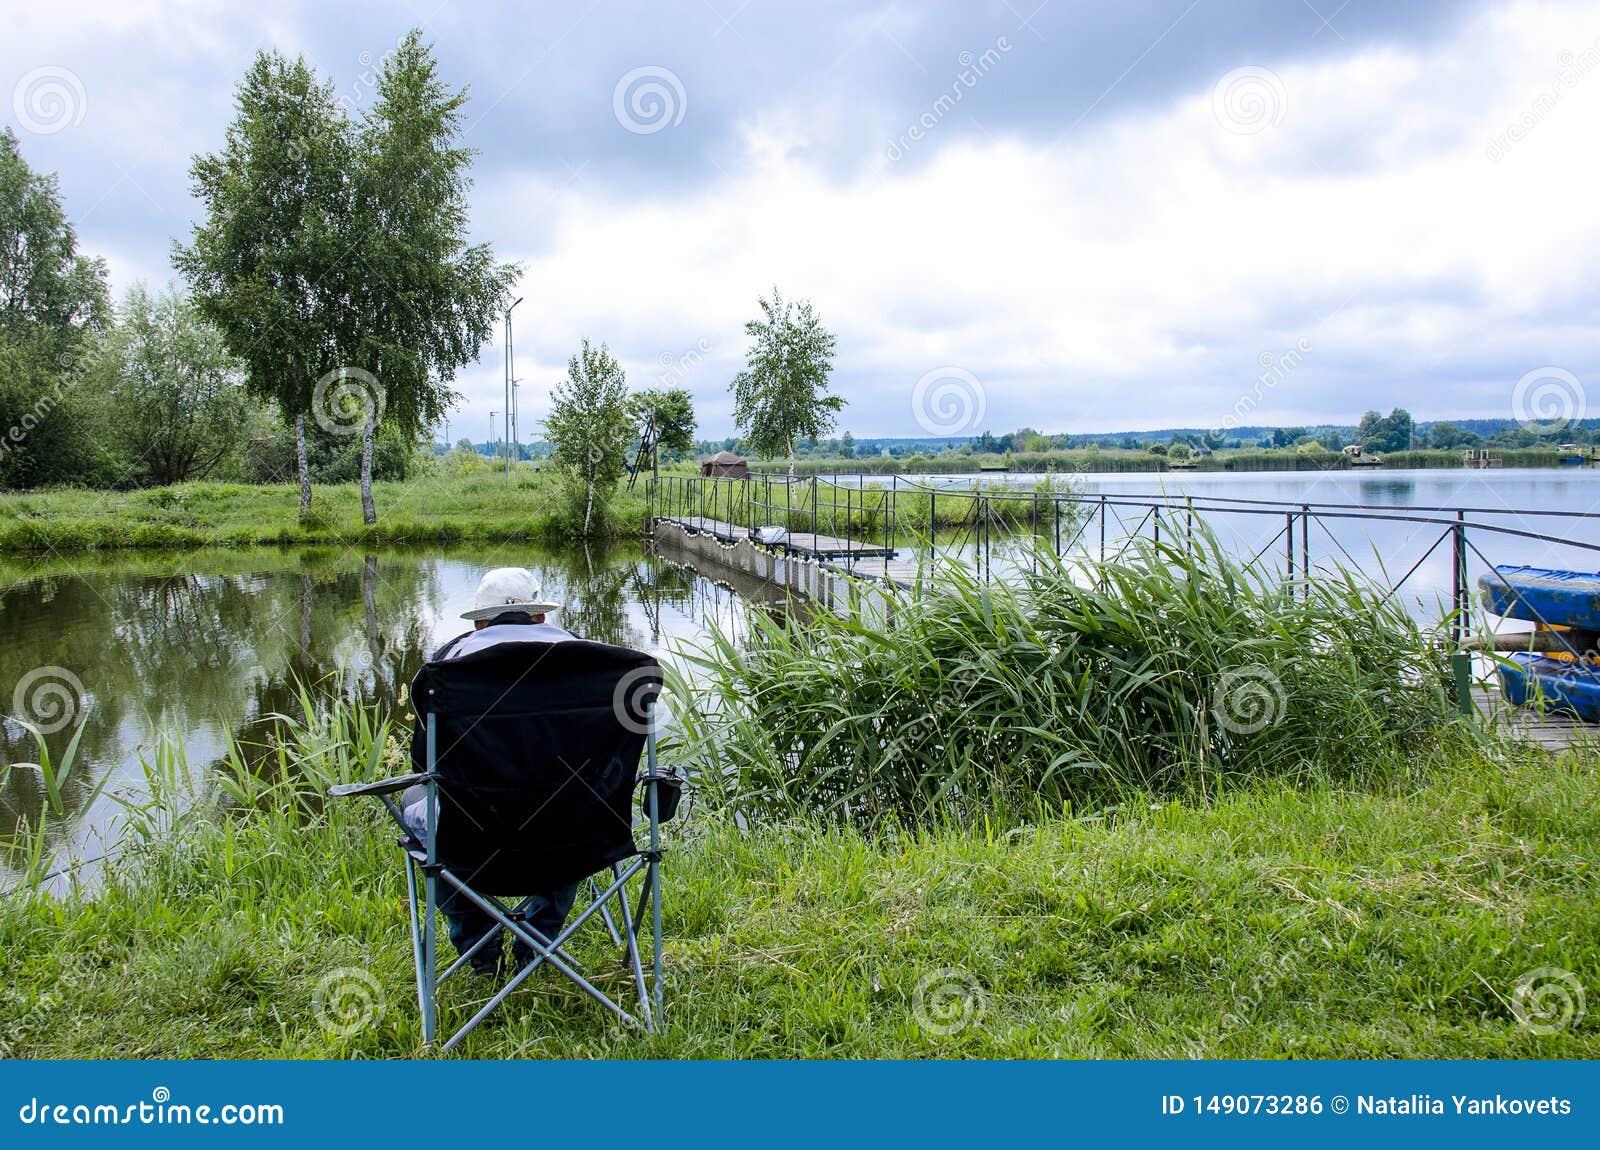 Ein Fischer in einer Kappe sitzt in einem Stuhl nahe dem See mit einer Angelrute und fängt Fische